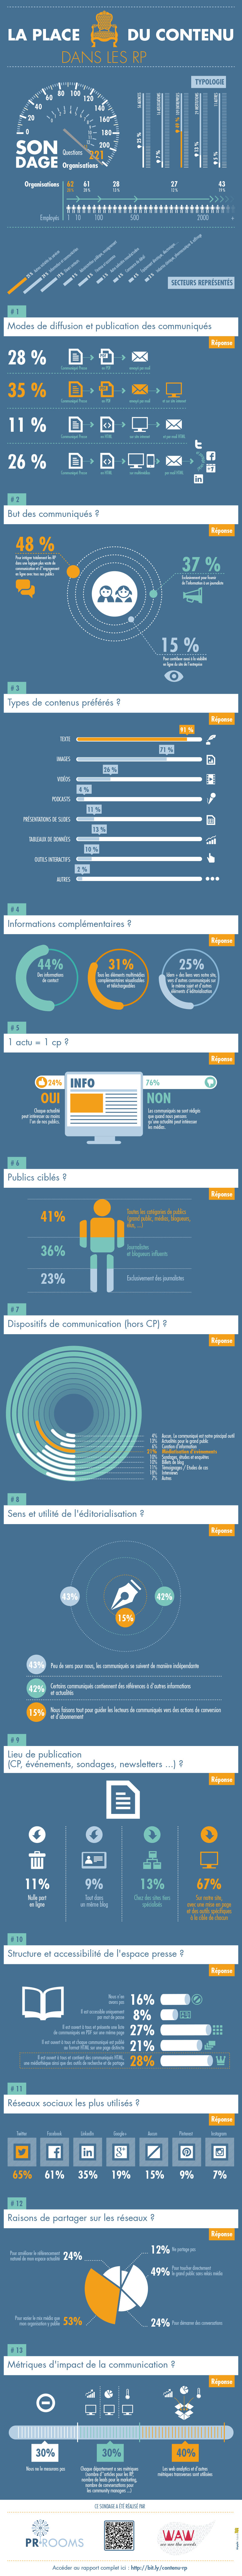 Infographie 92 -sondage-contenu-rp-PrRooms-Wearthewords